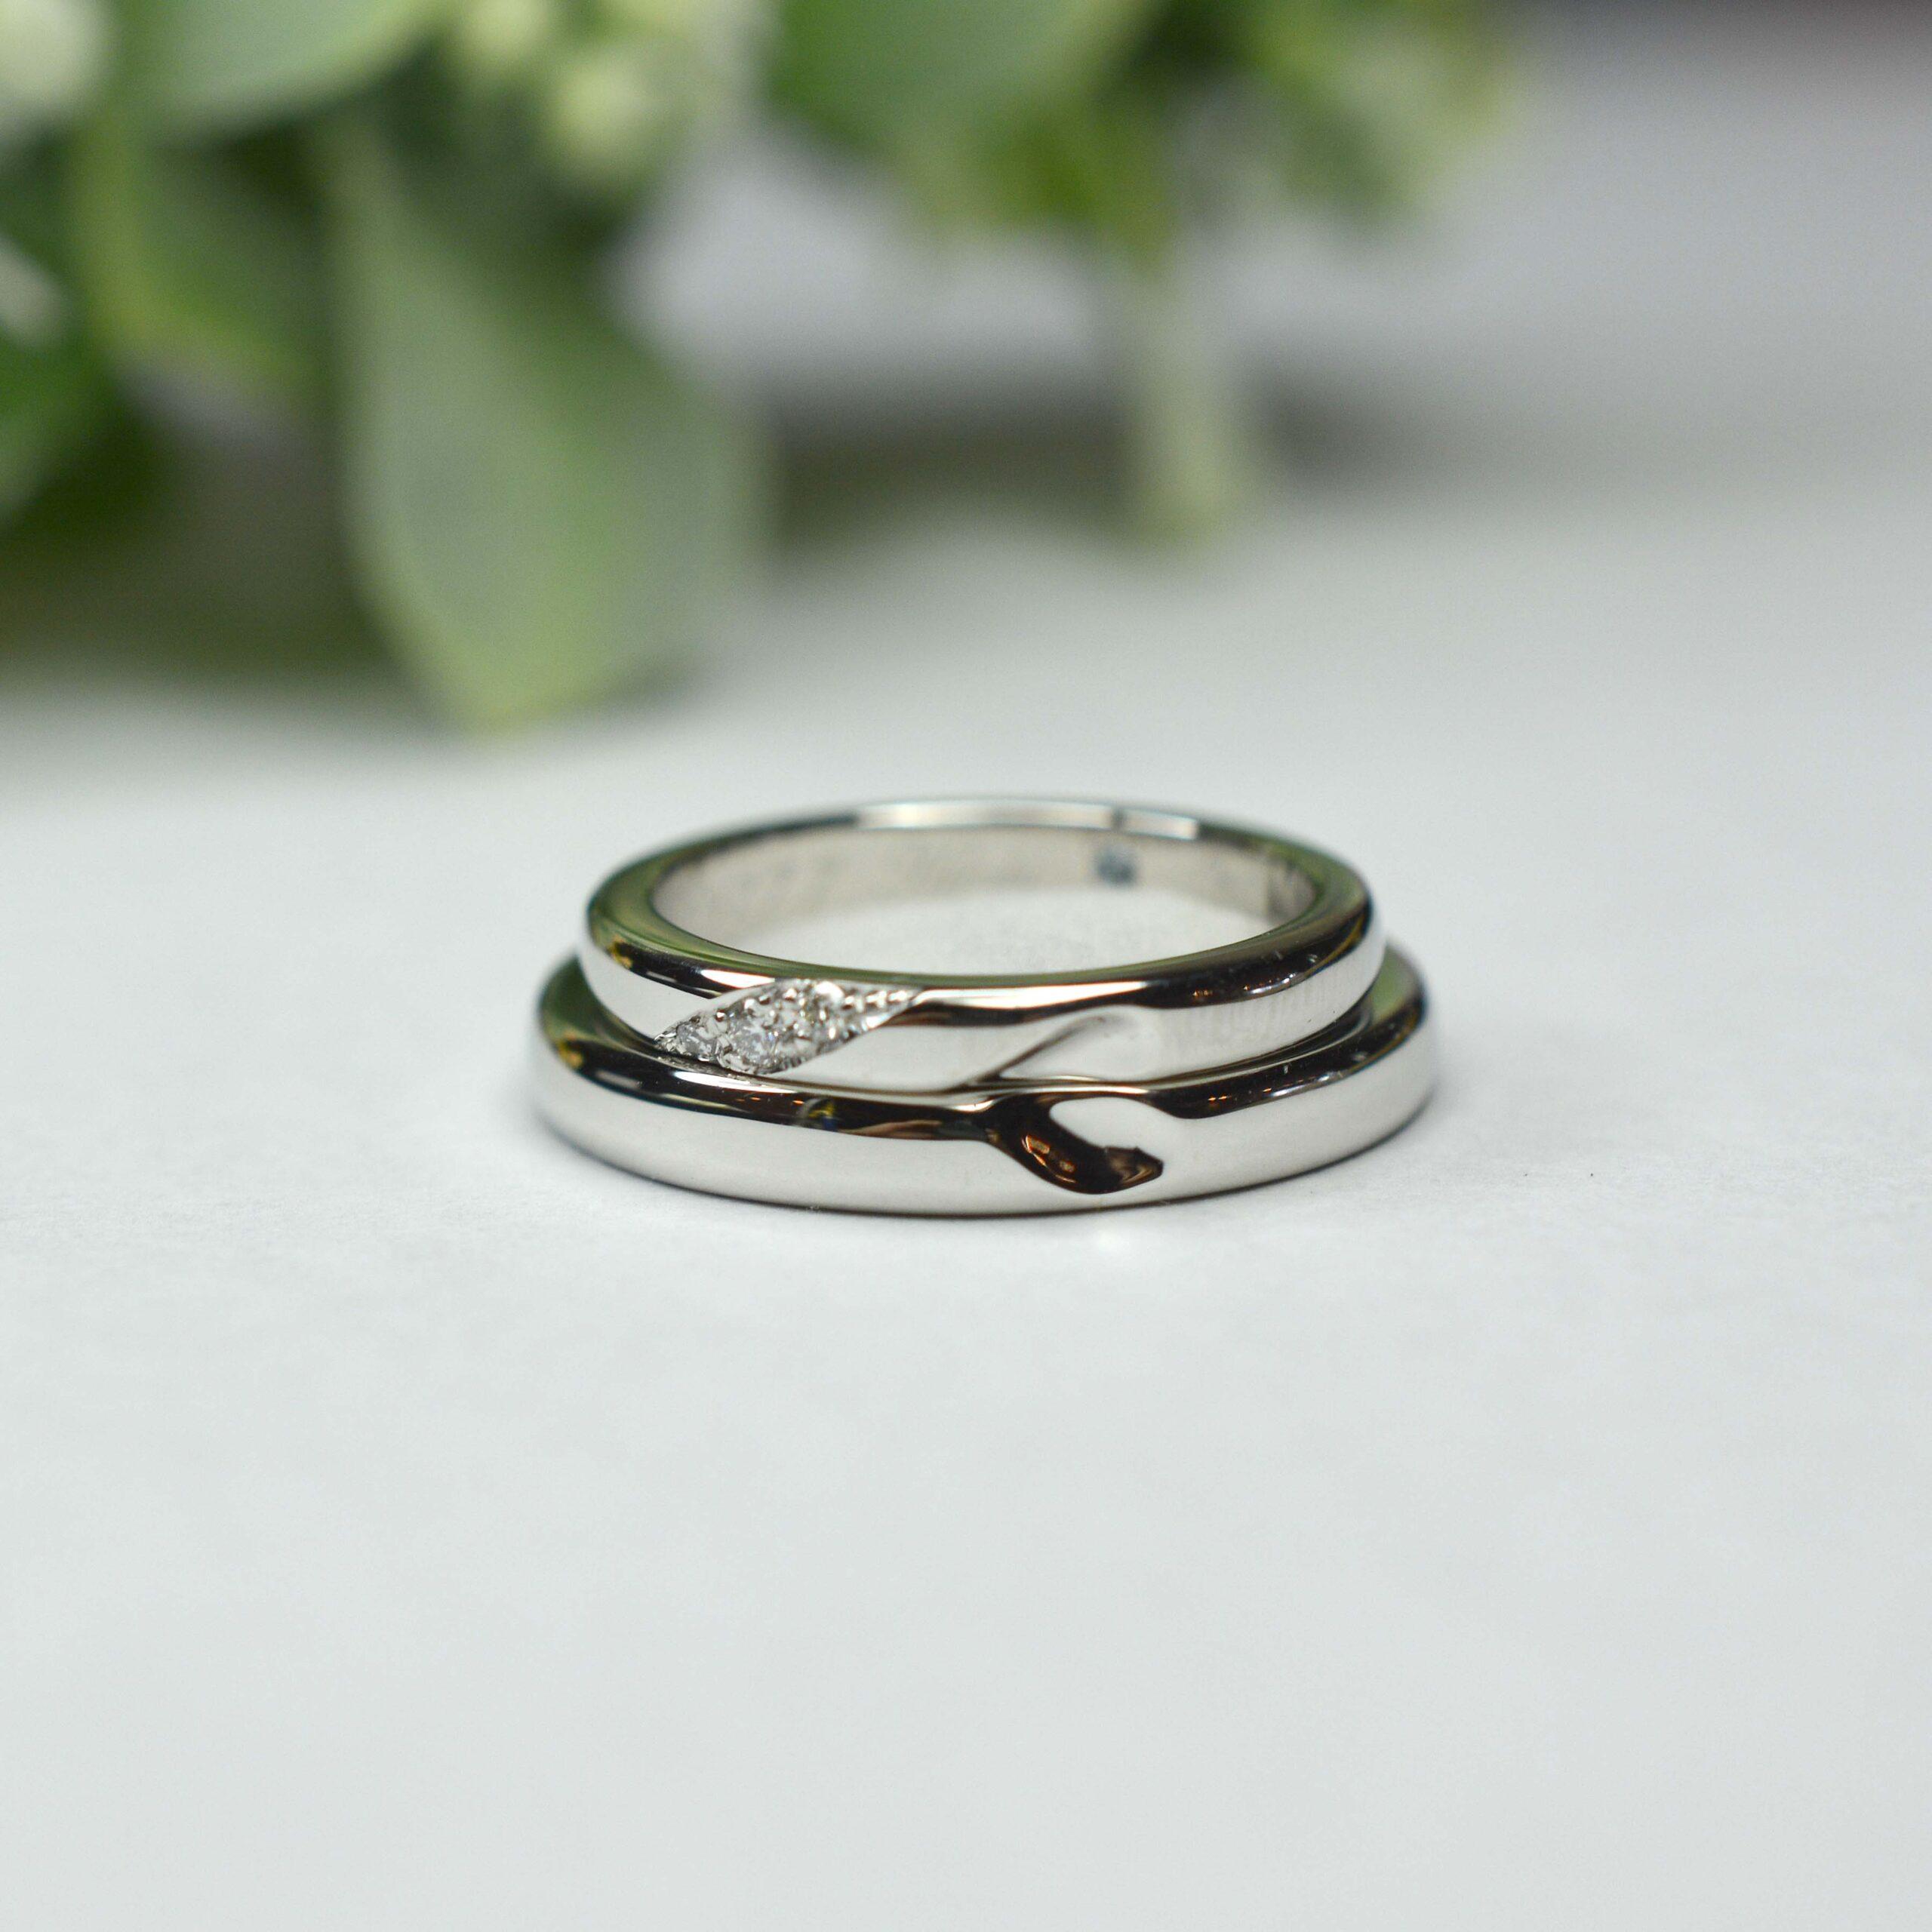 【手作り結婚指輪】石橋様